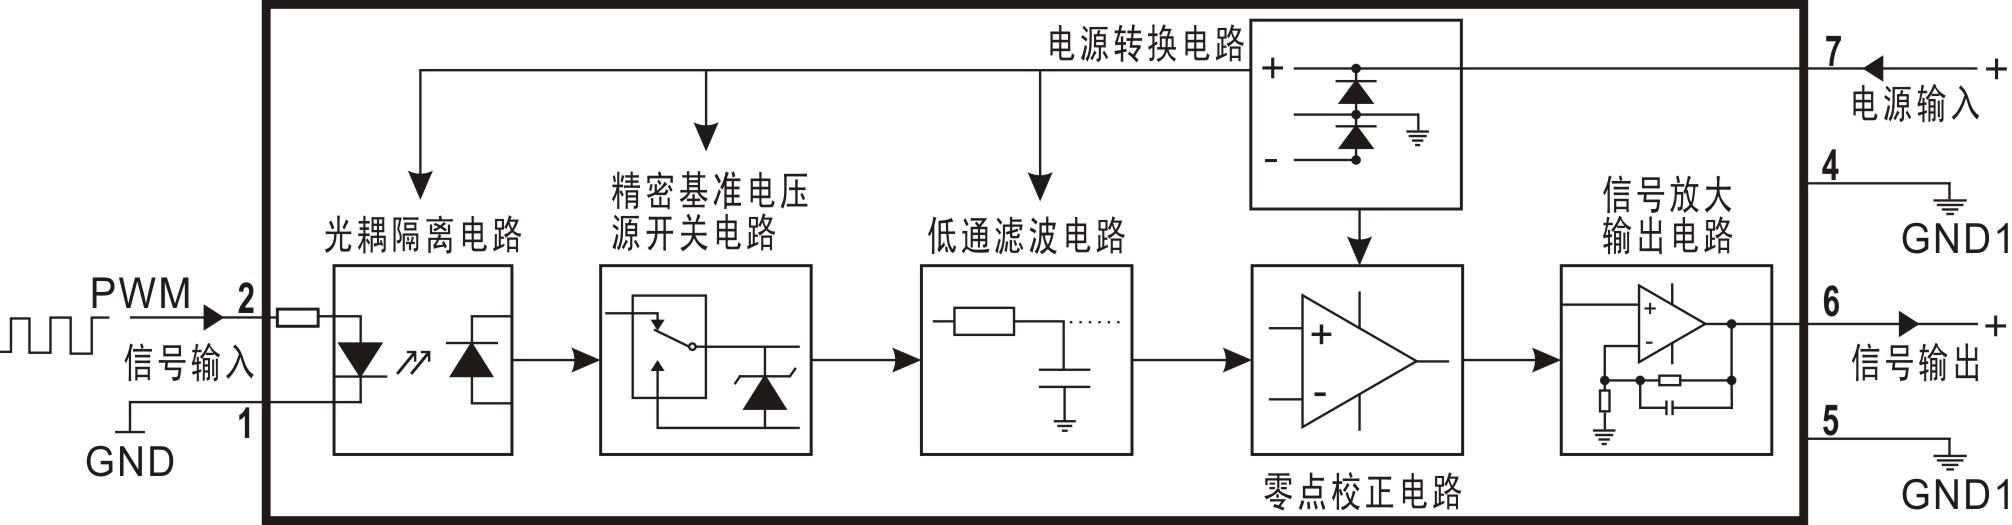 顺源新品:pwm脉宽信号da转换高精度微型隔离变送器ic.